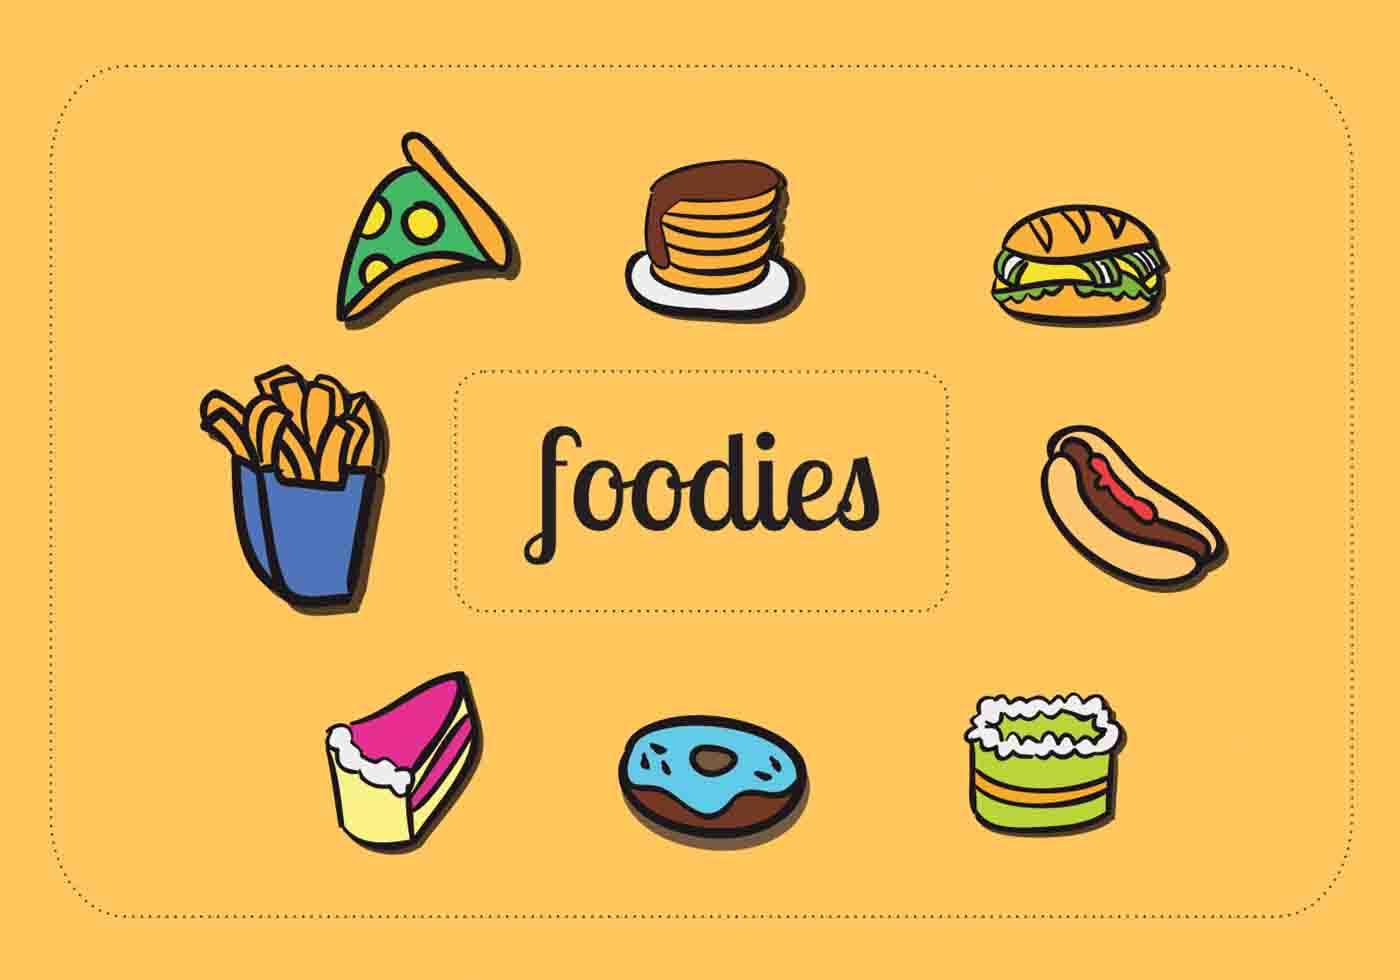 Creative Food Vectors - Download Free Vectors, Clipart ...